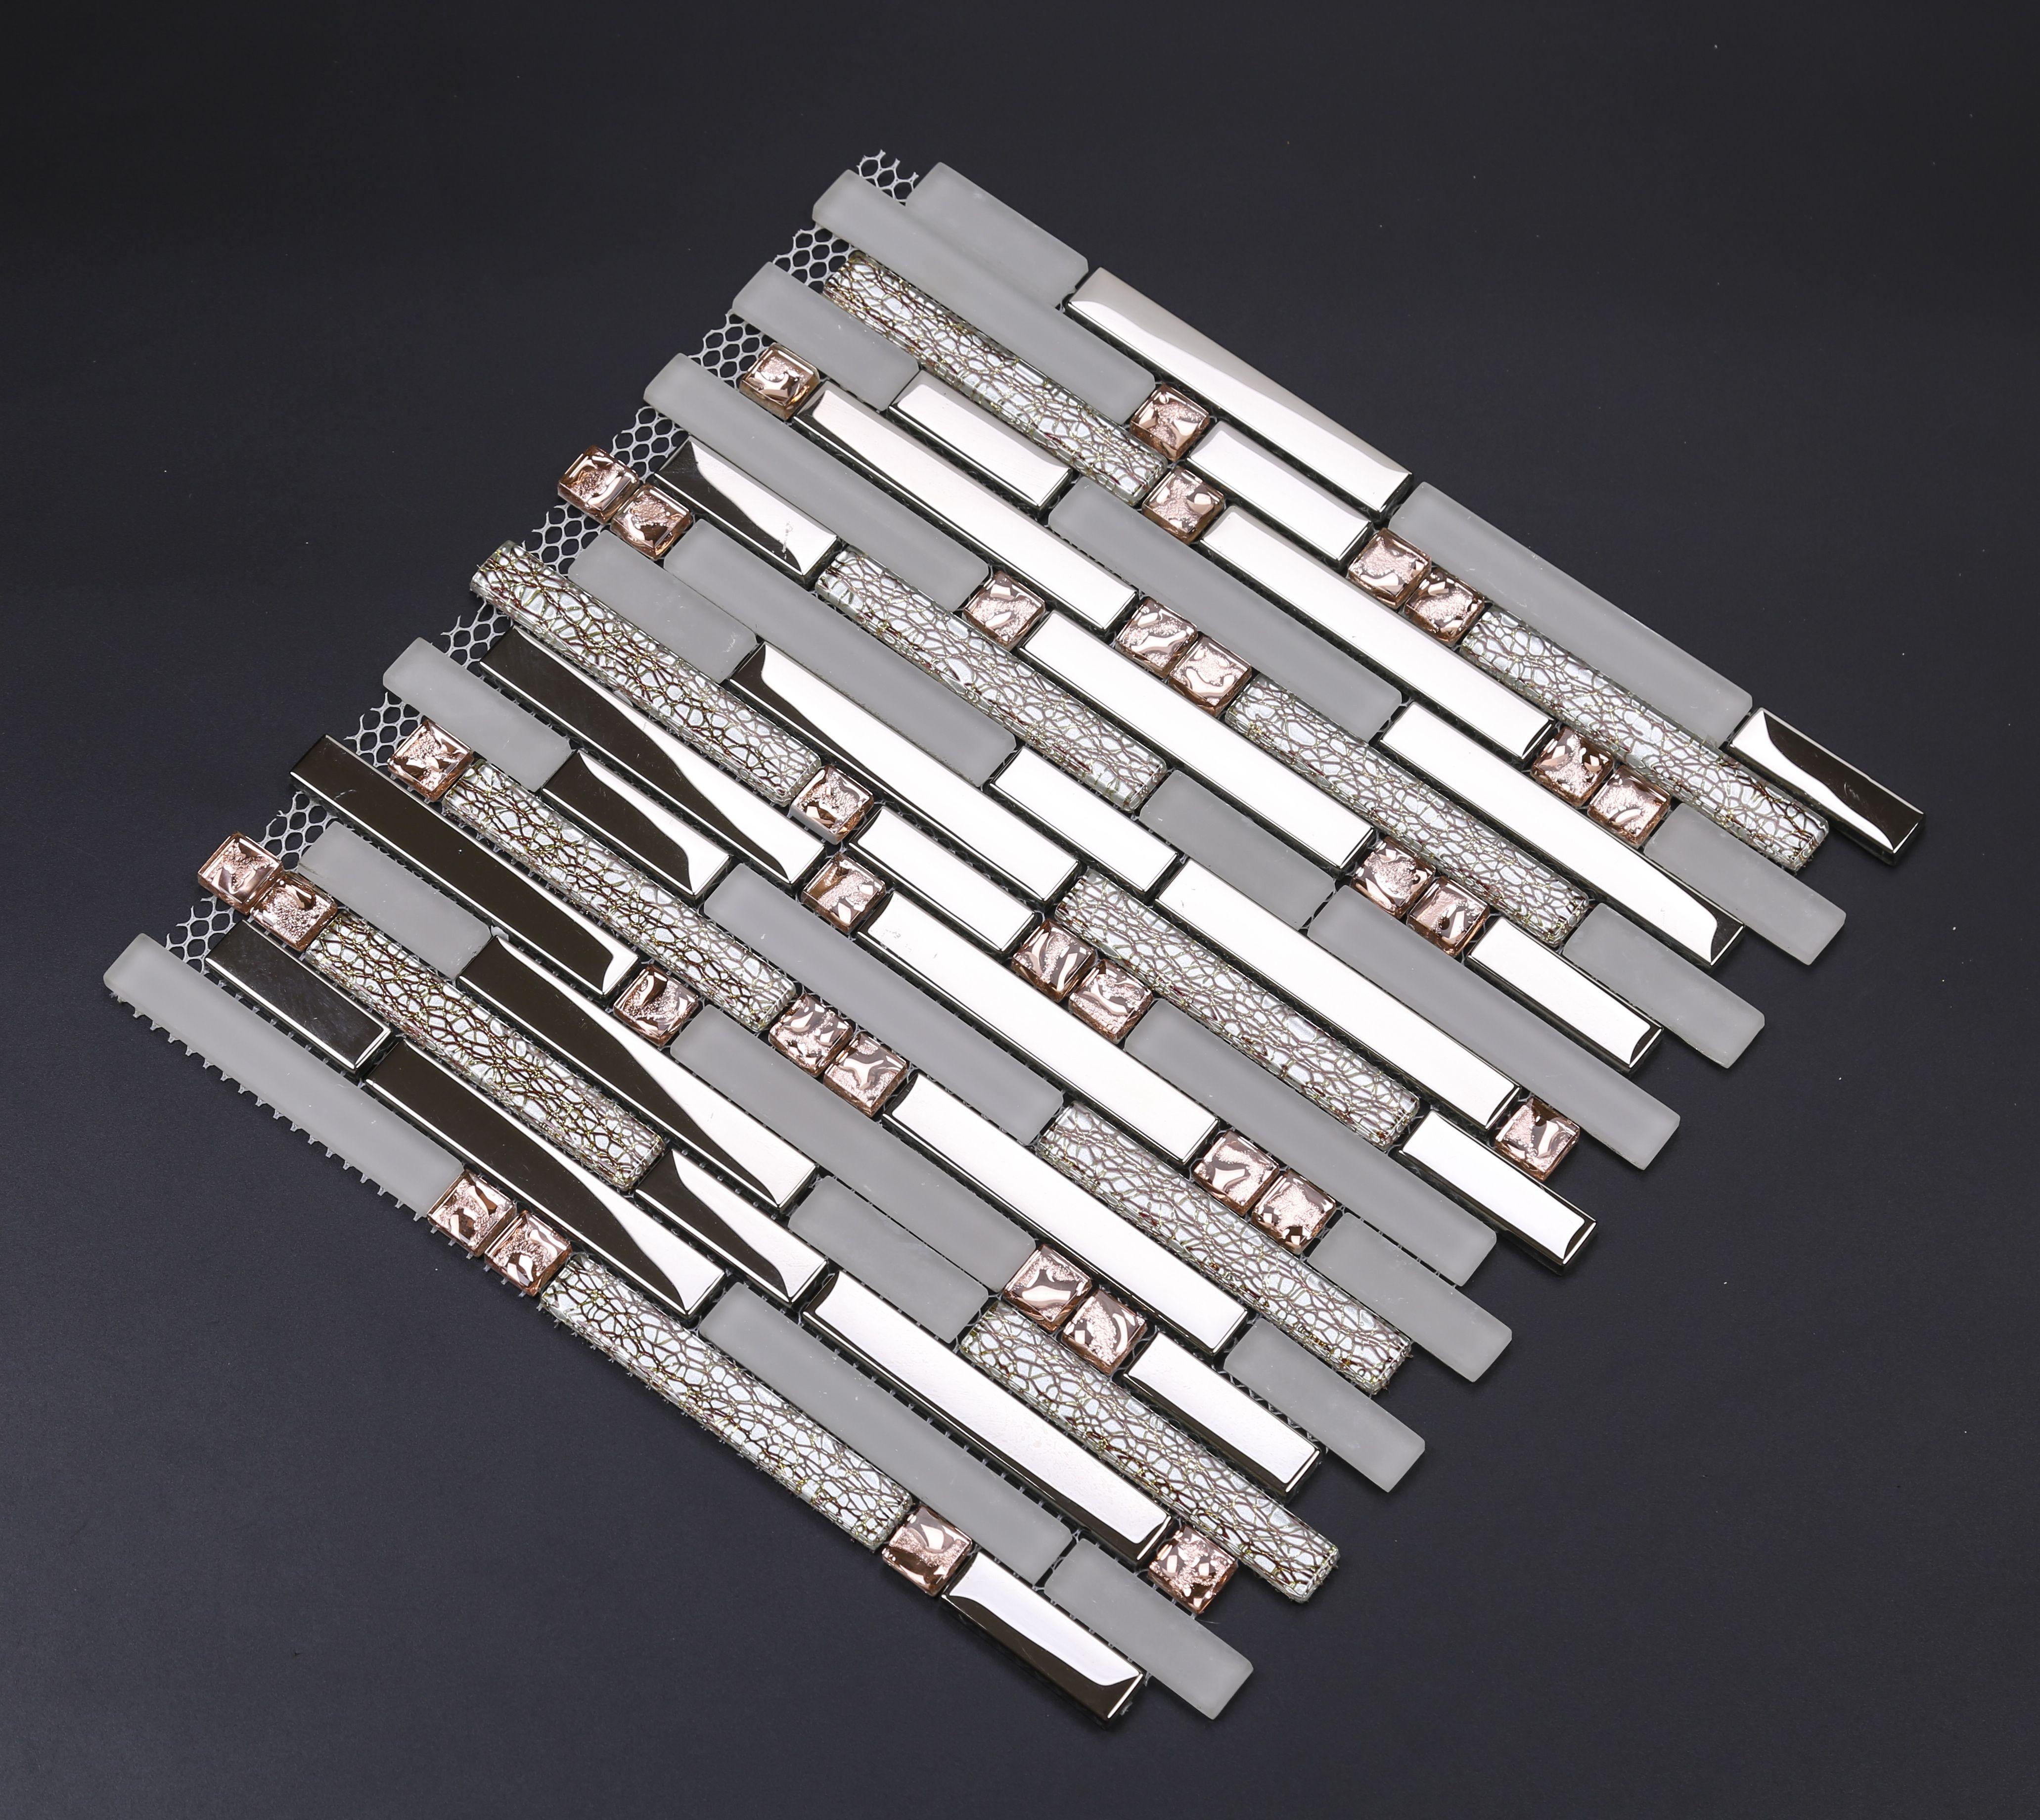 - 2020 Electroplated Silver Glass Mosaic Kitchen Backsplash Wall